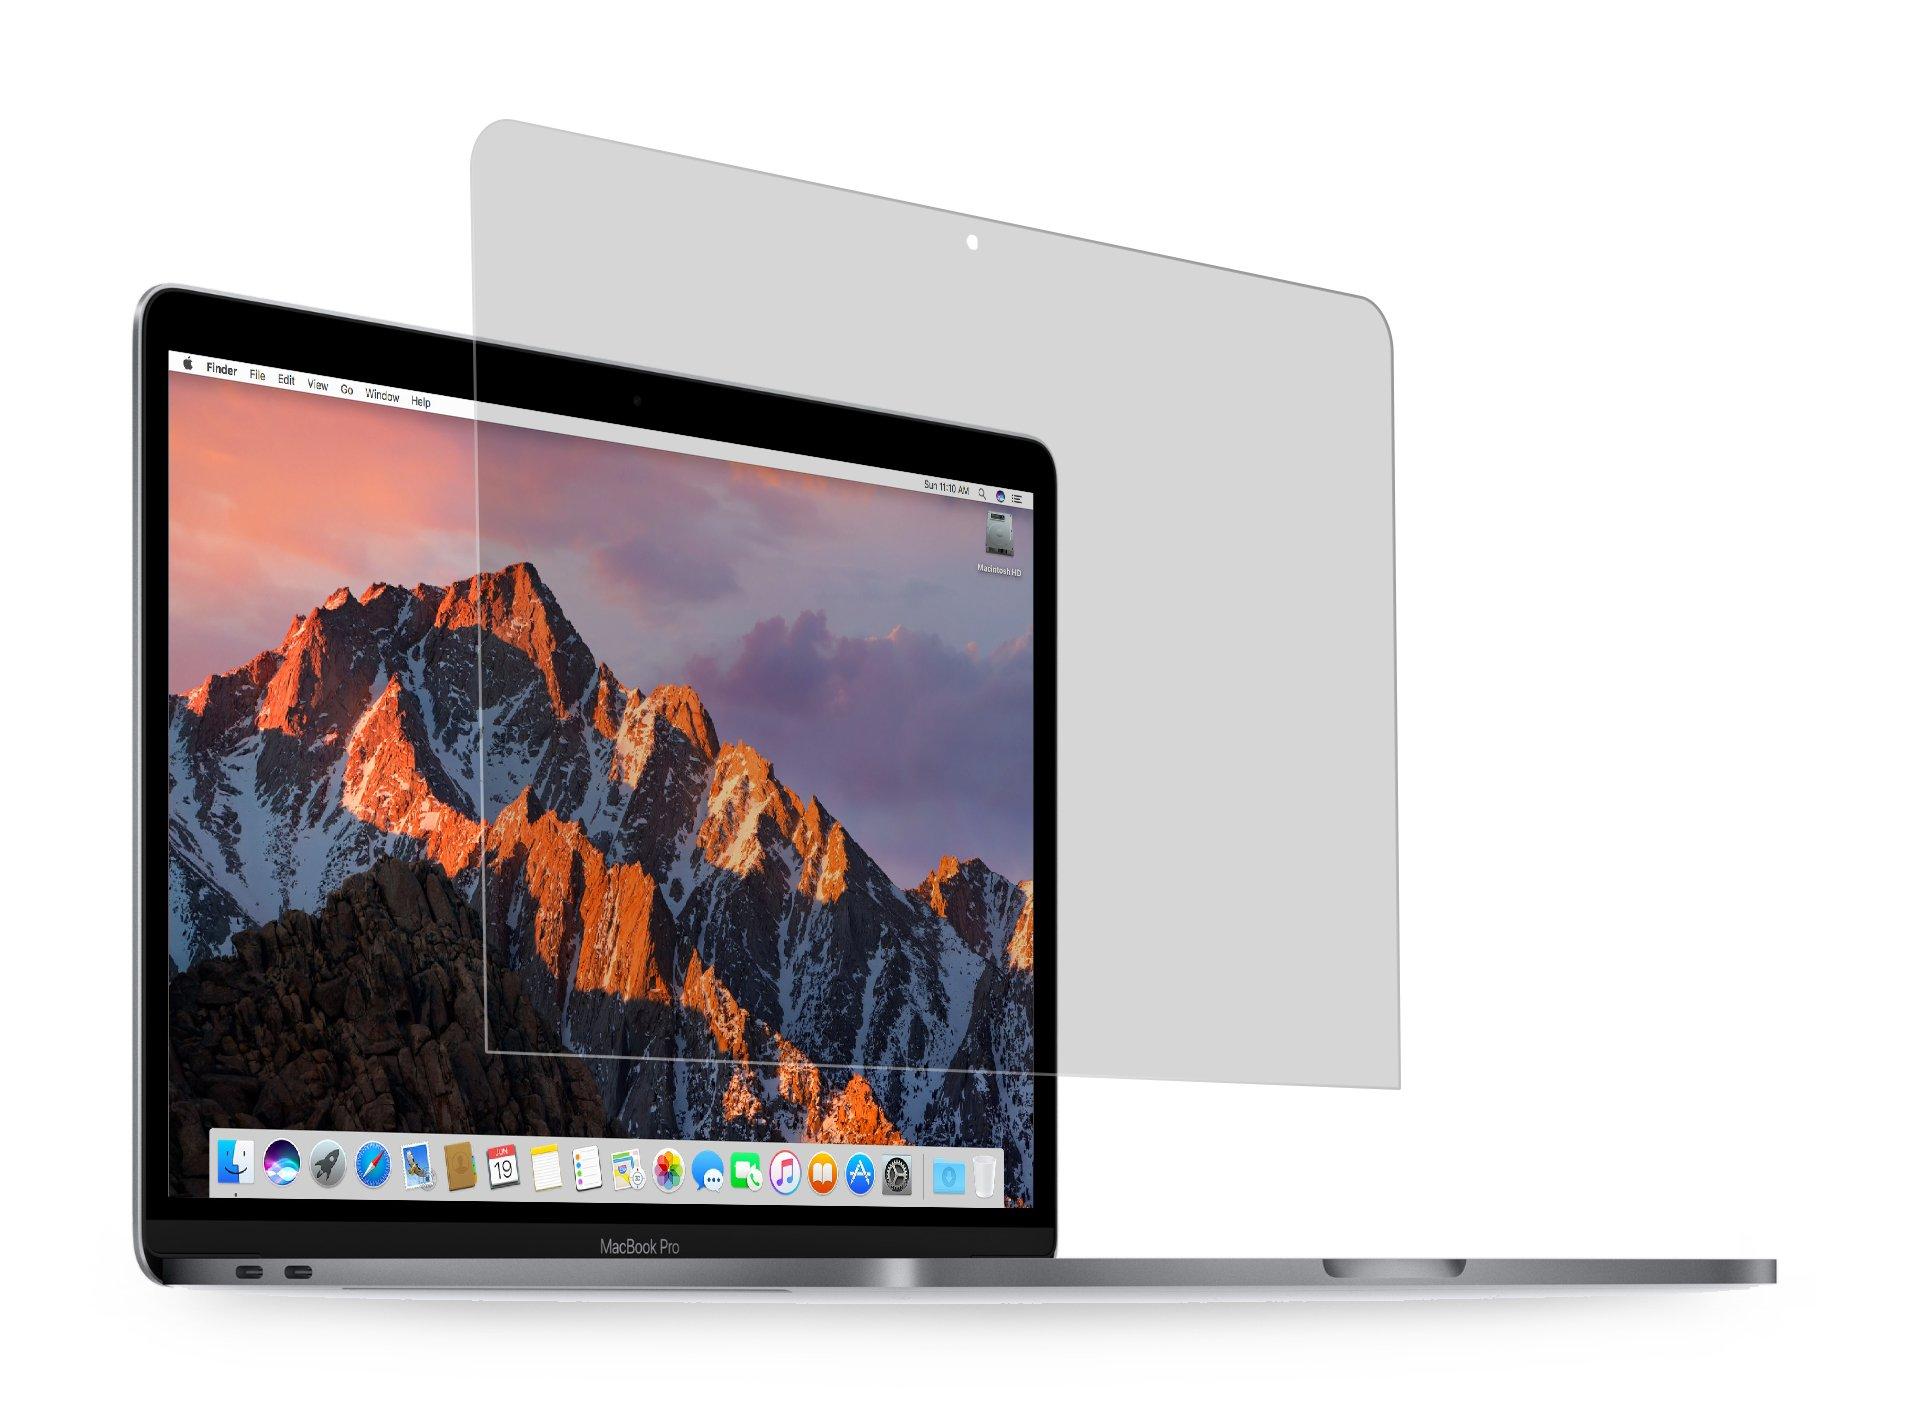 2016-2018 Anti-Glare Matte Screen Protector Guard For MacBook Pro 13 inch